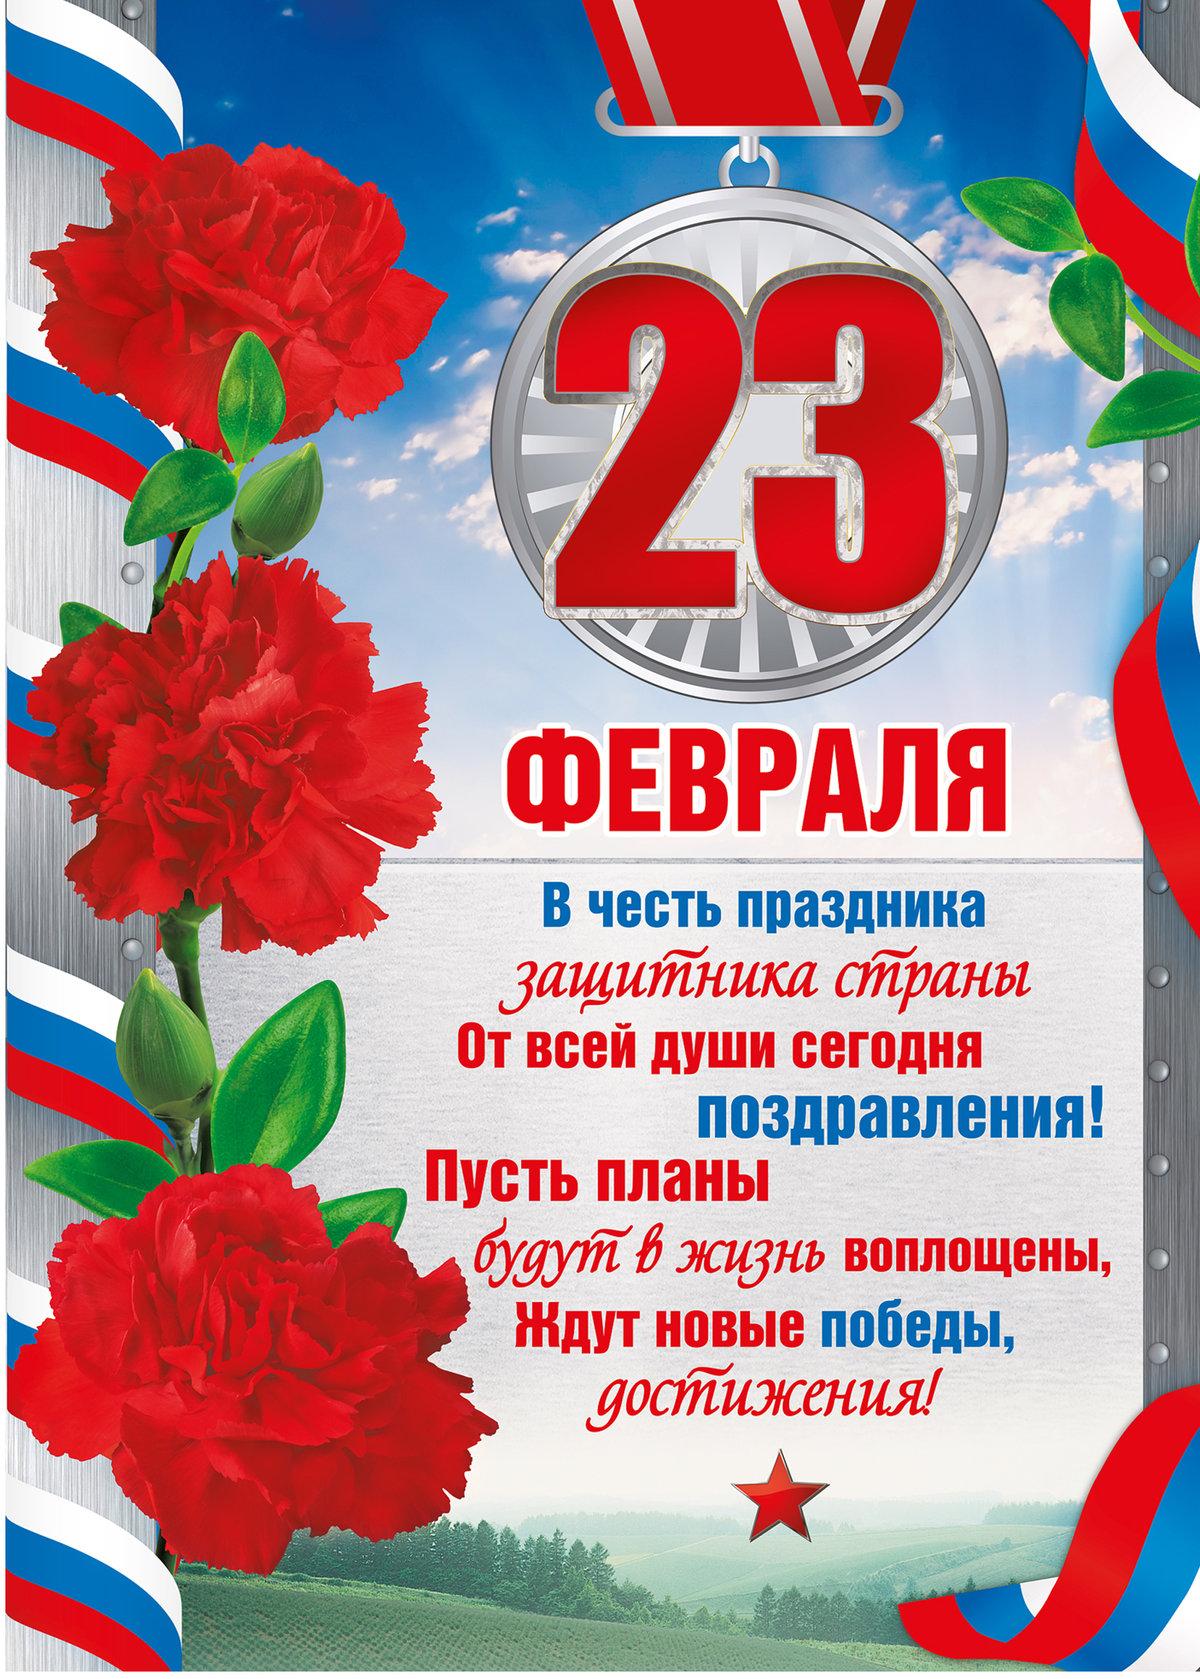 ❶В честь праздника 23|Конспект урока защитники отечества|23 февраля - праздник настоящих мужчин!!!! [Архив] - Черниговский внедорожный клуб